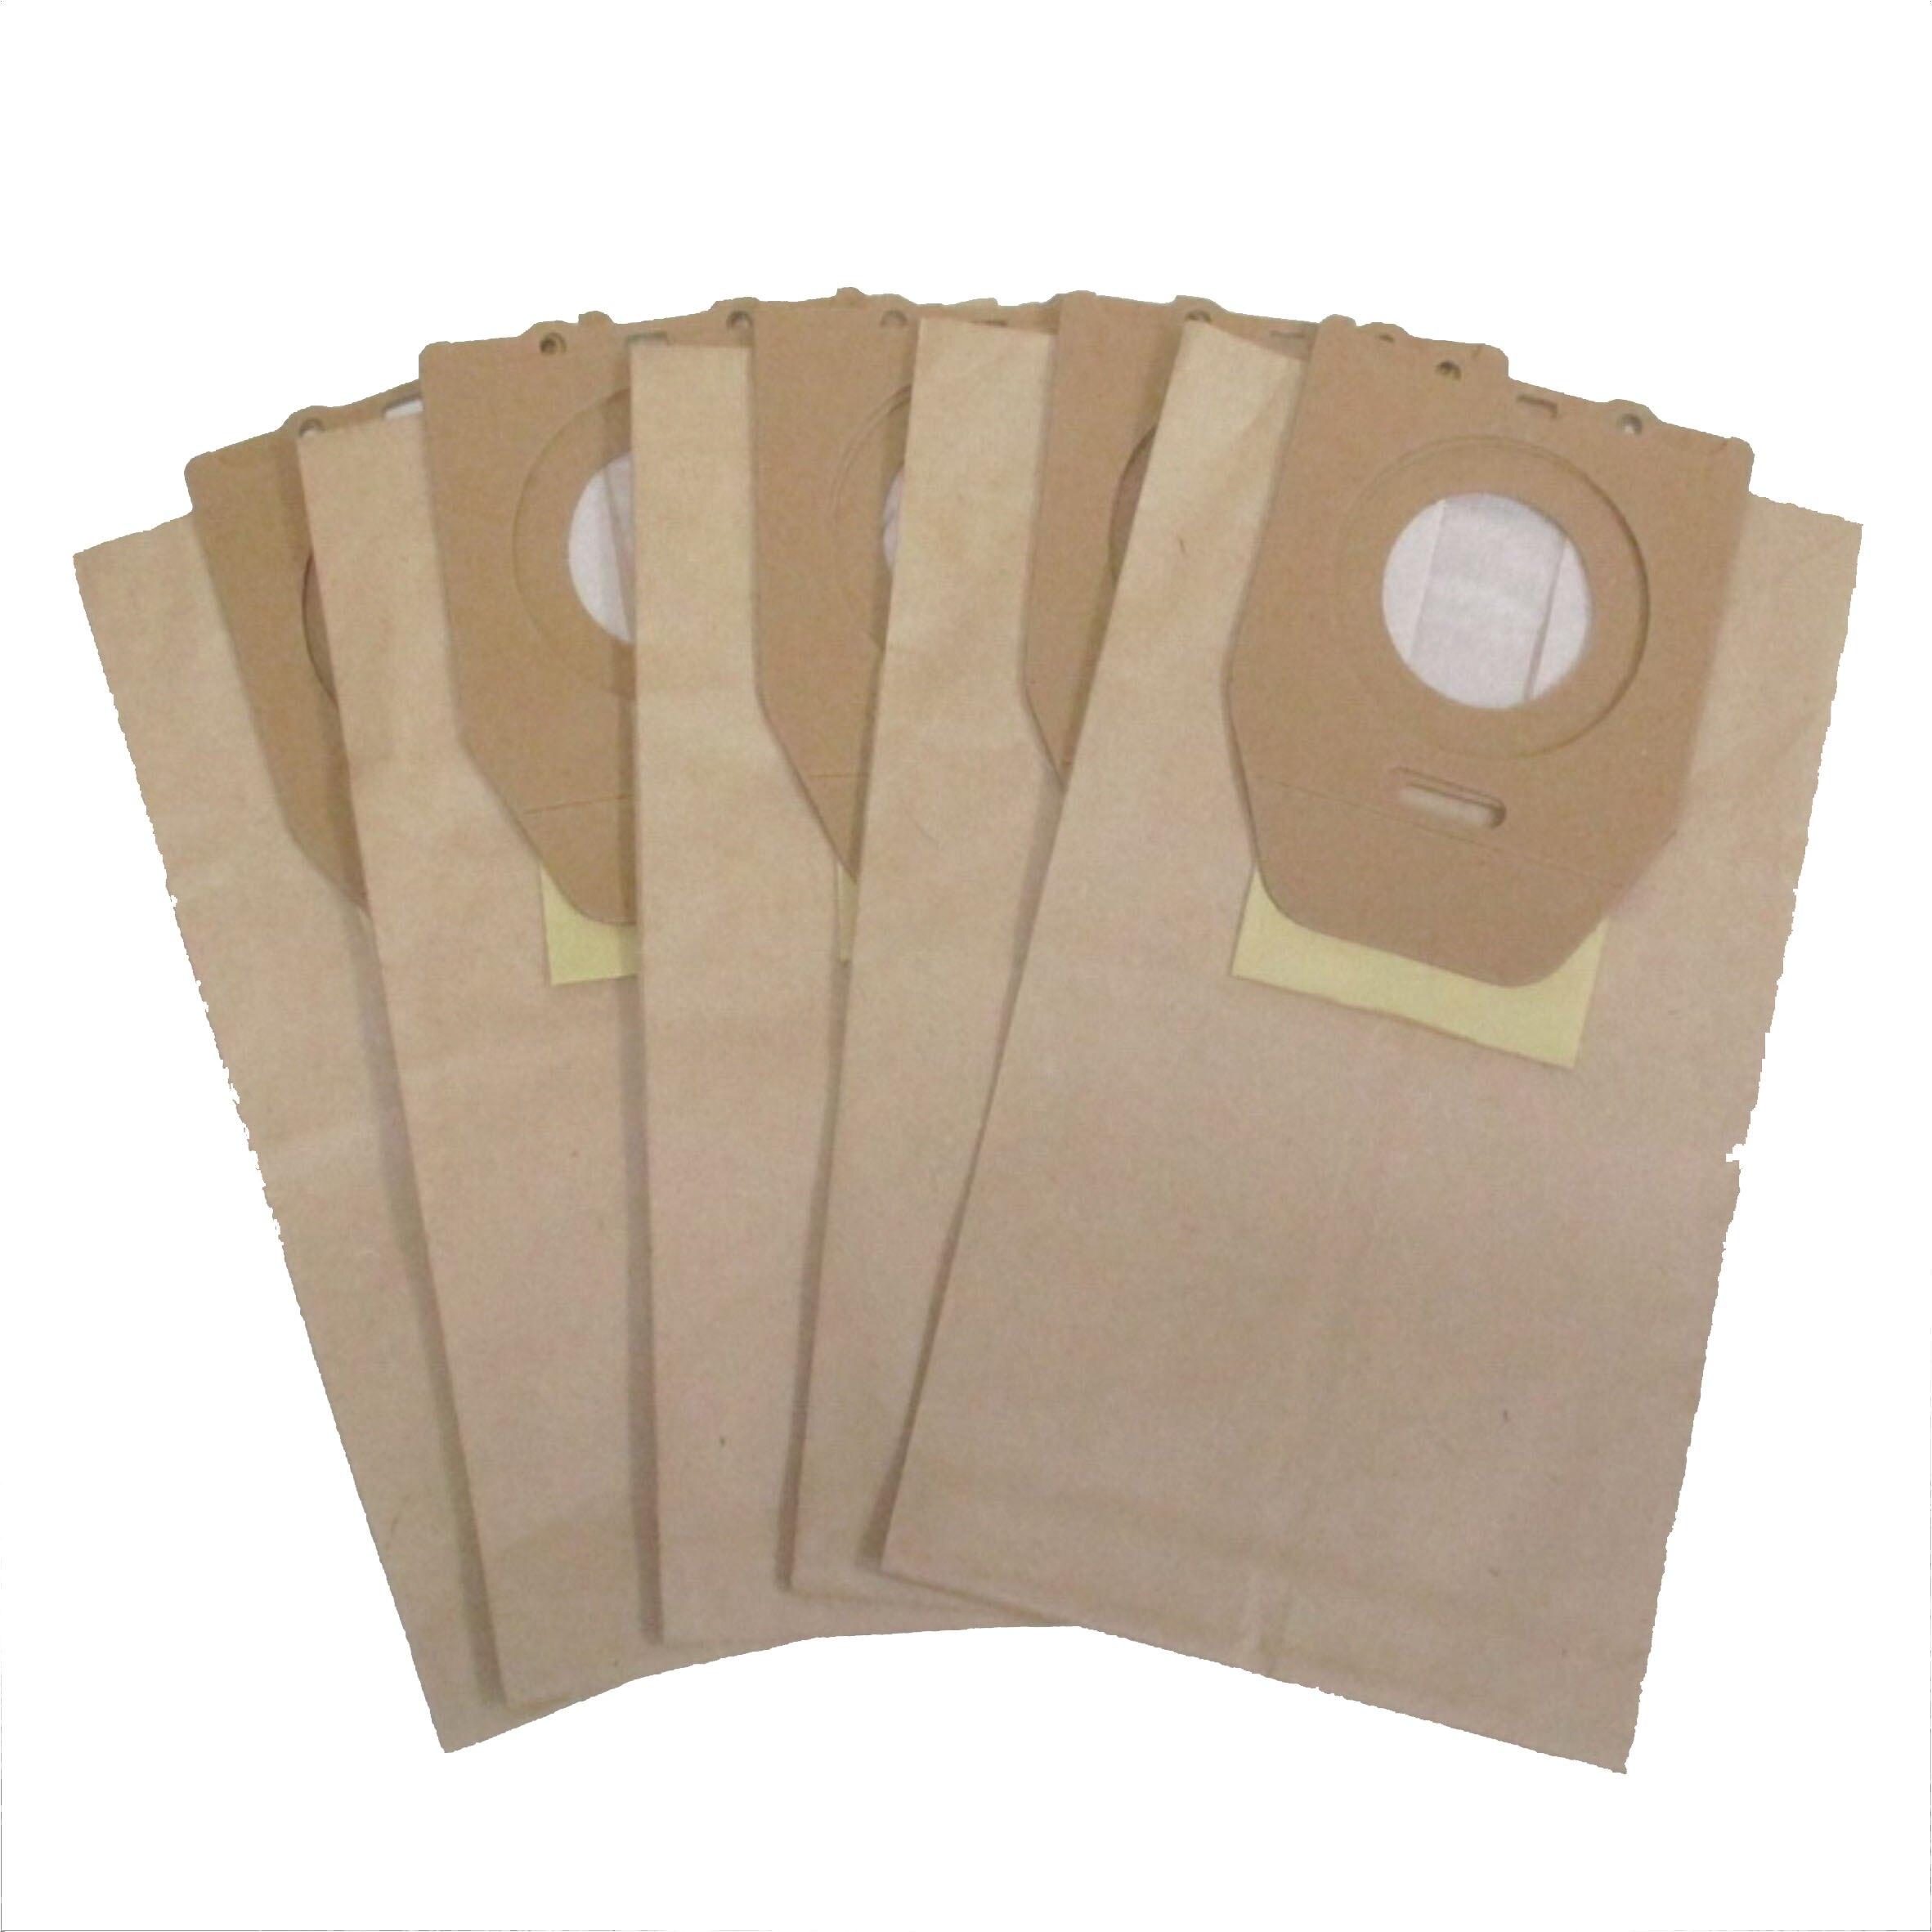 (618購物節)吸塵器集塵袋-適用於 飛利浦Philips (OSLO+) OSH, HR6938,HR6005,HR6300,T400,TCX999...【居家達人-1C05】